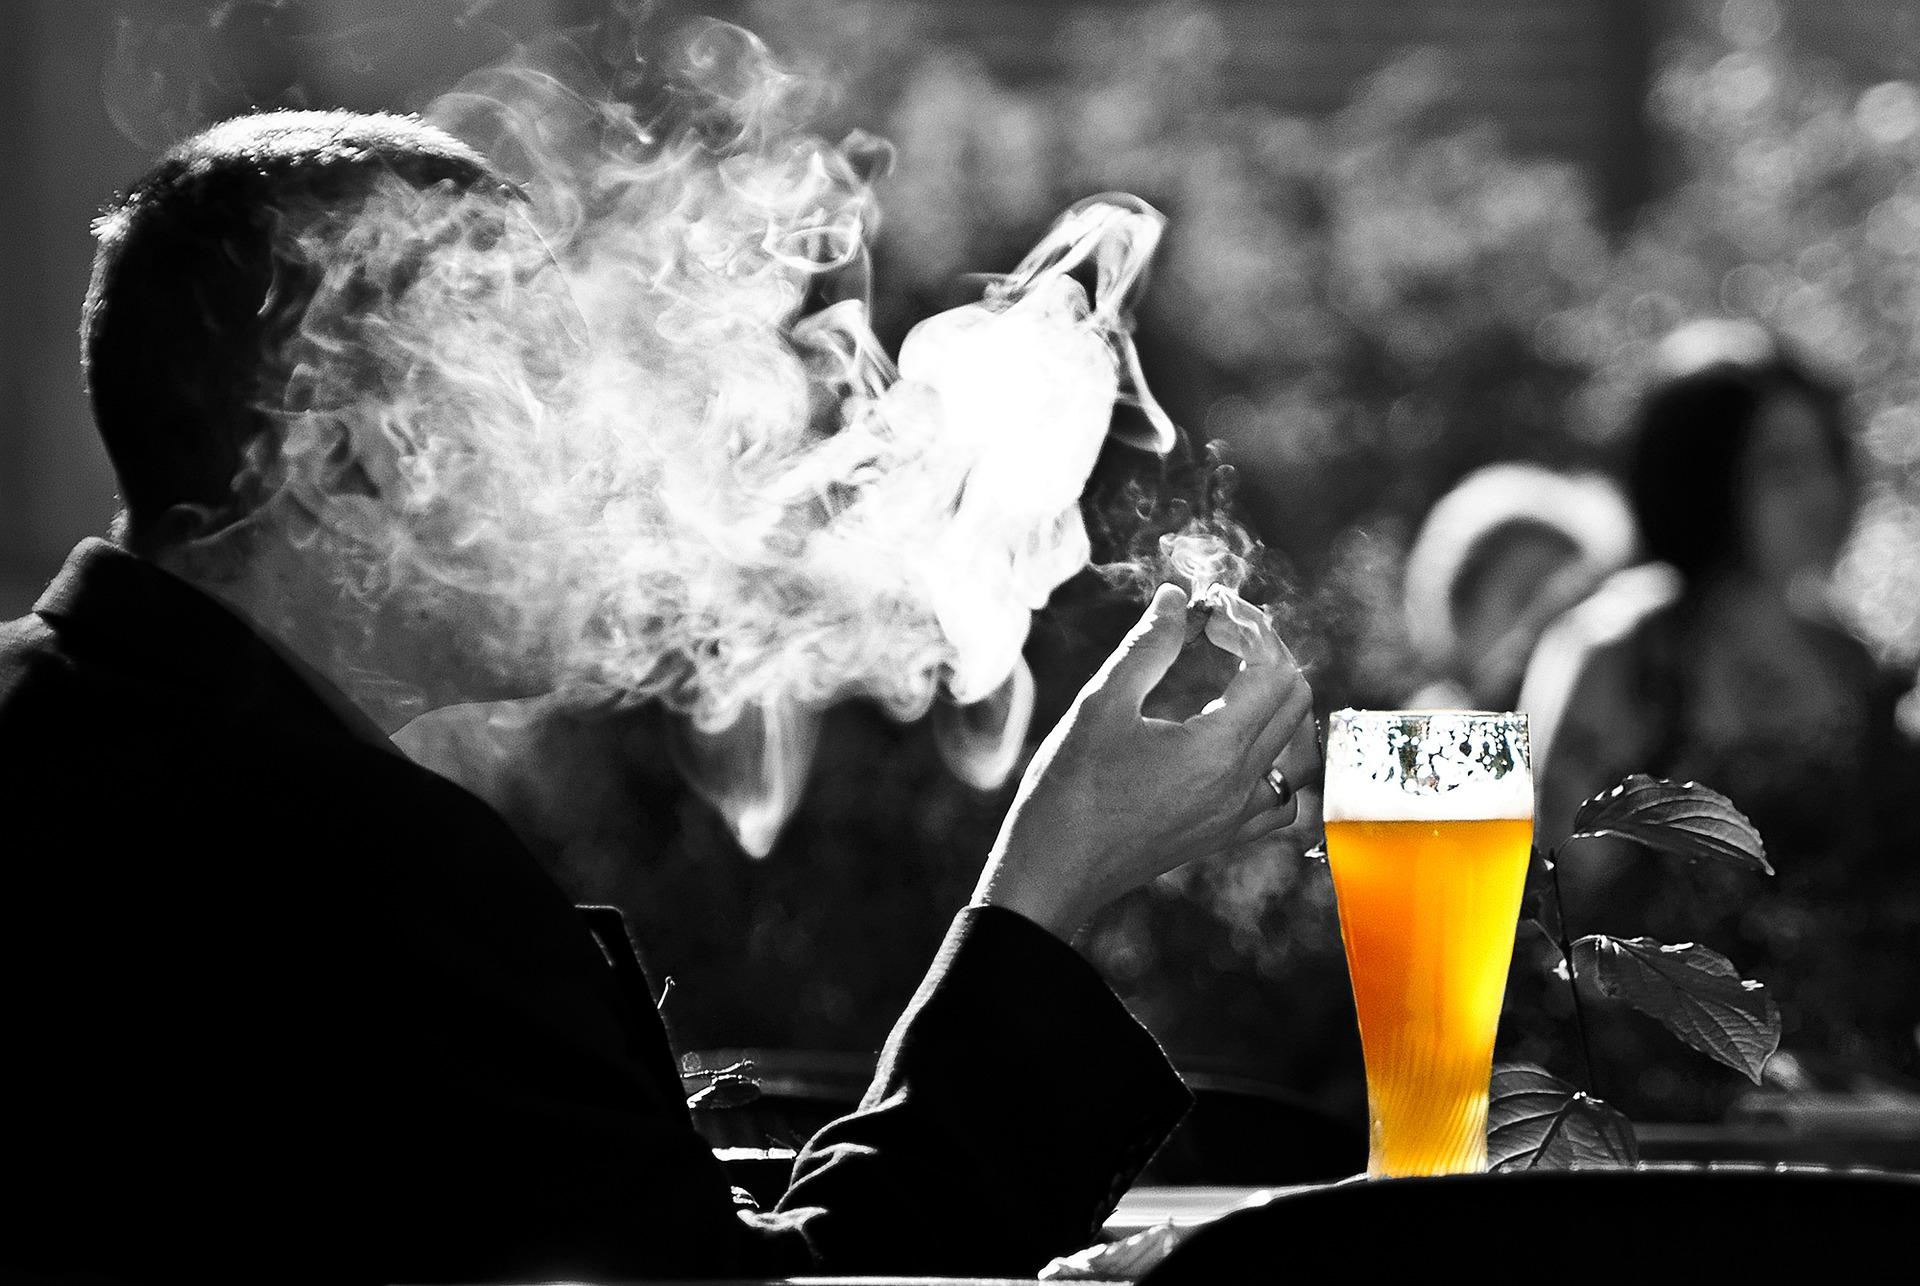 Kouření a alkohol patří mezi rizikové faktory pro vznik rakoviny